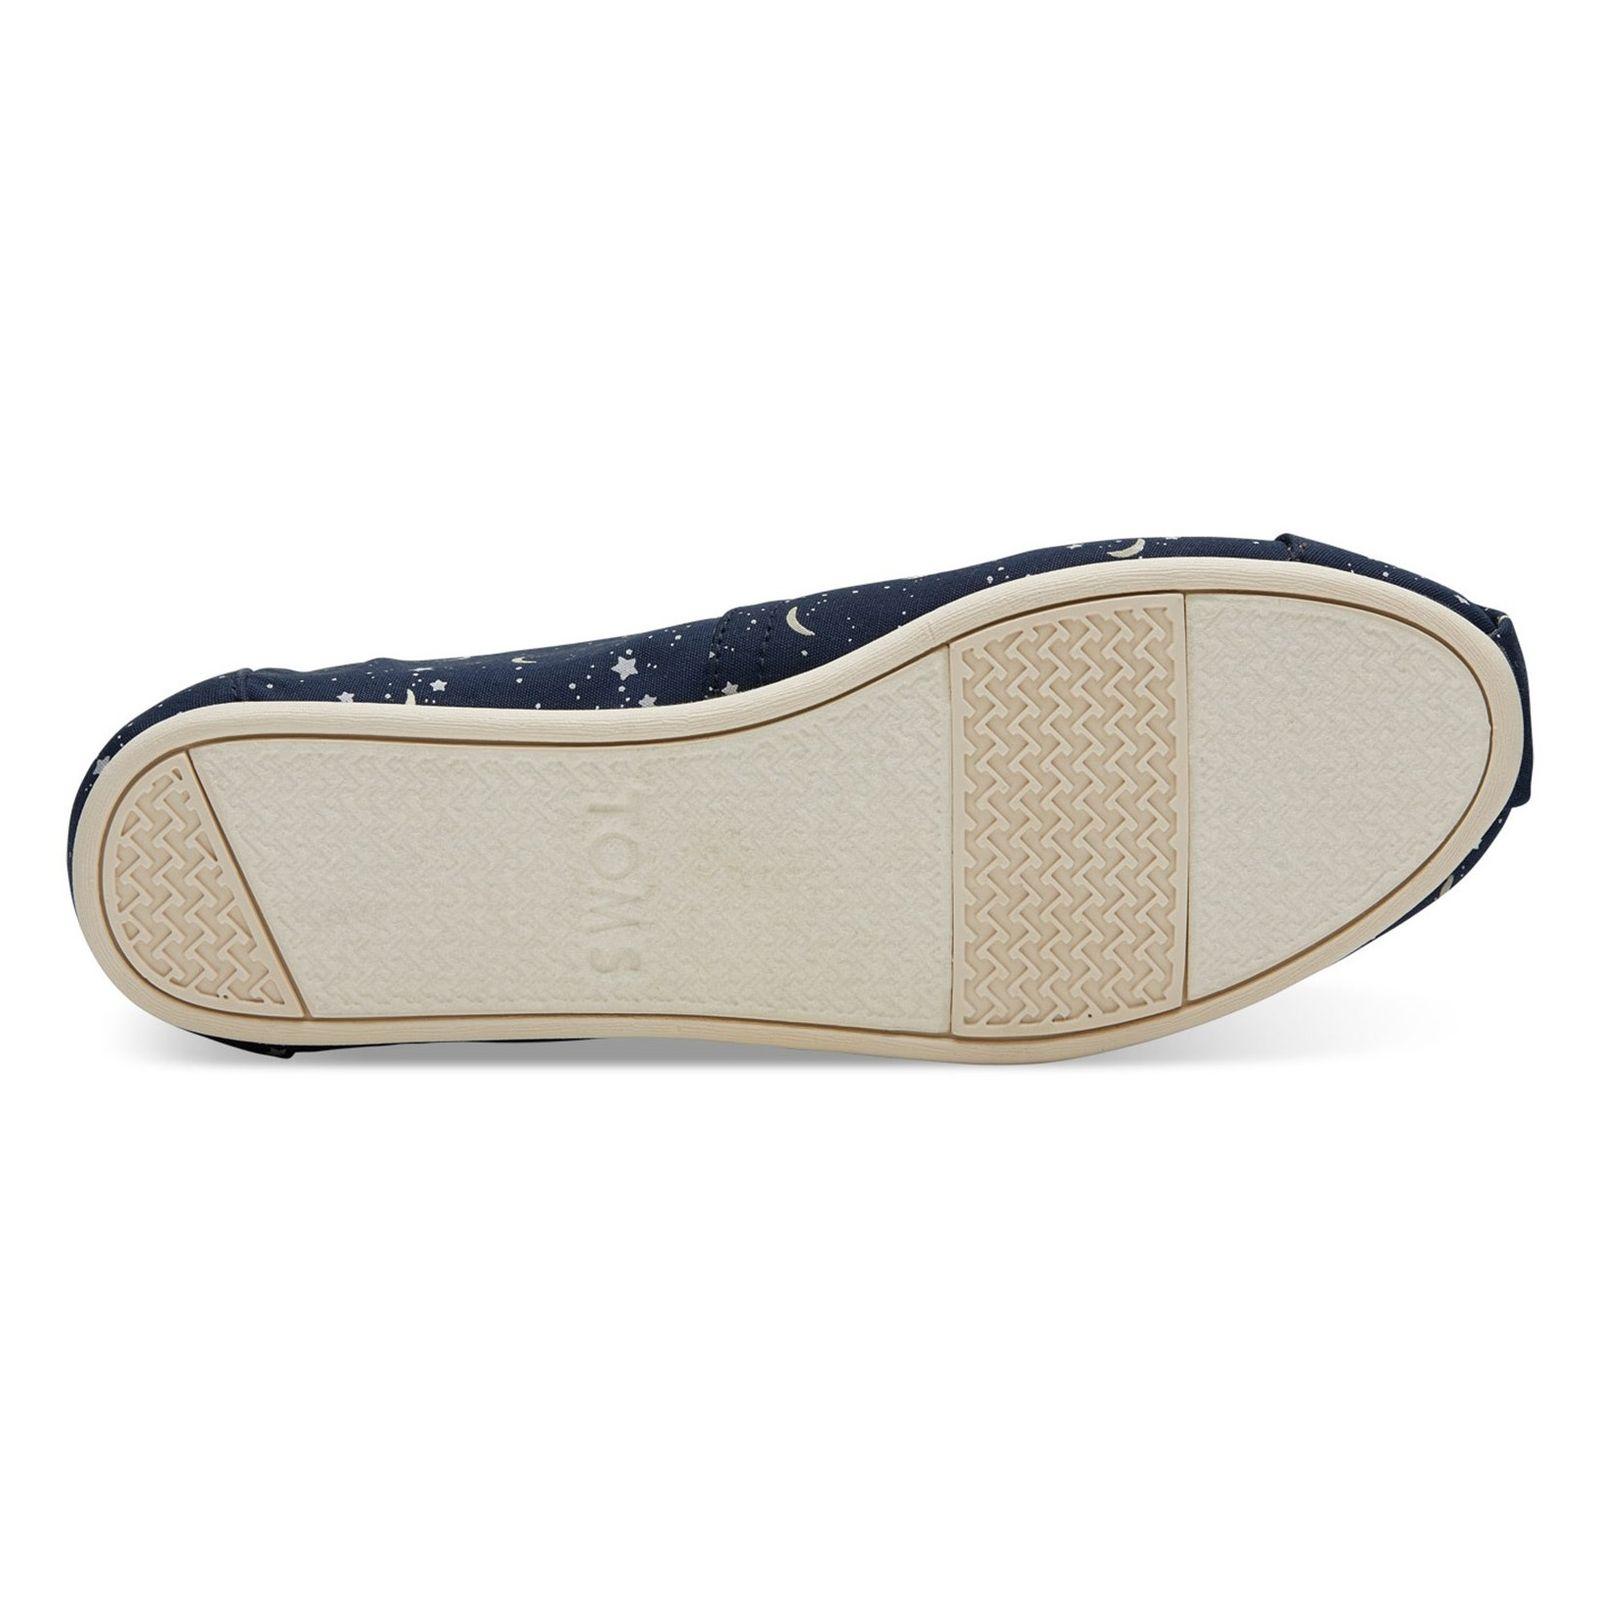 کفش تخت نخی زنانه - تامز - سرمه اي - 3